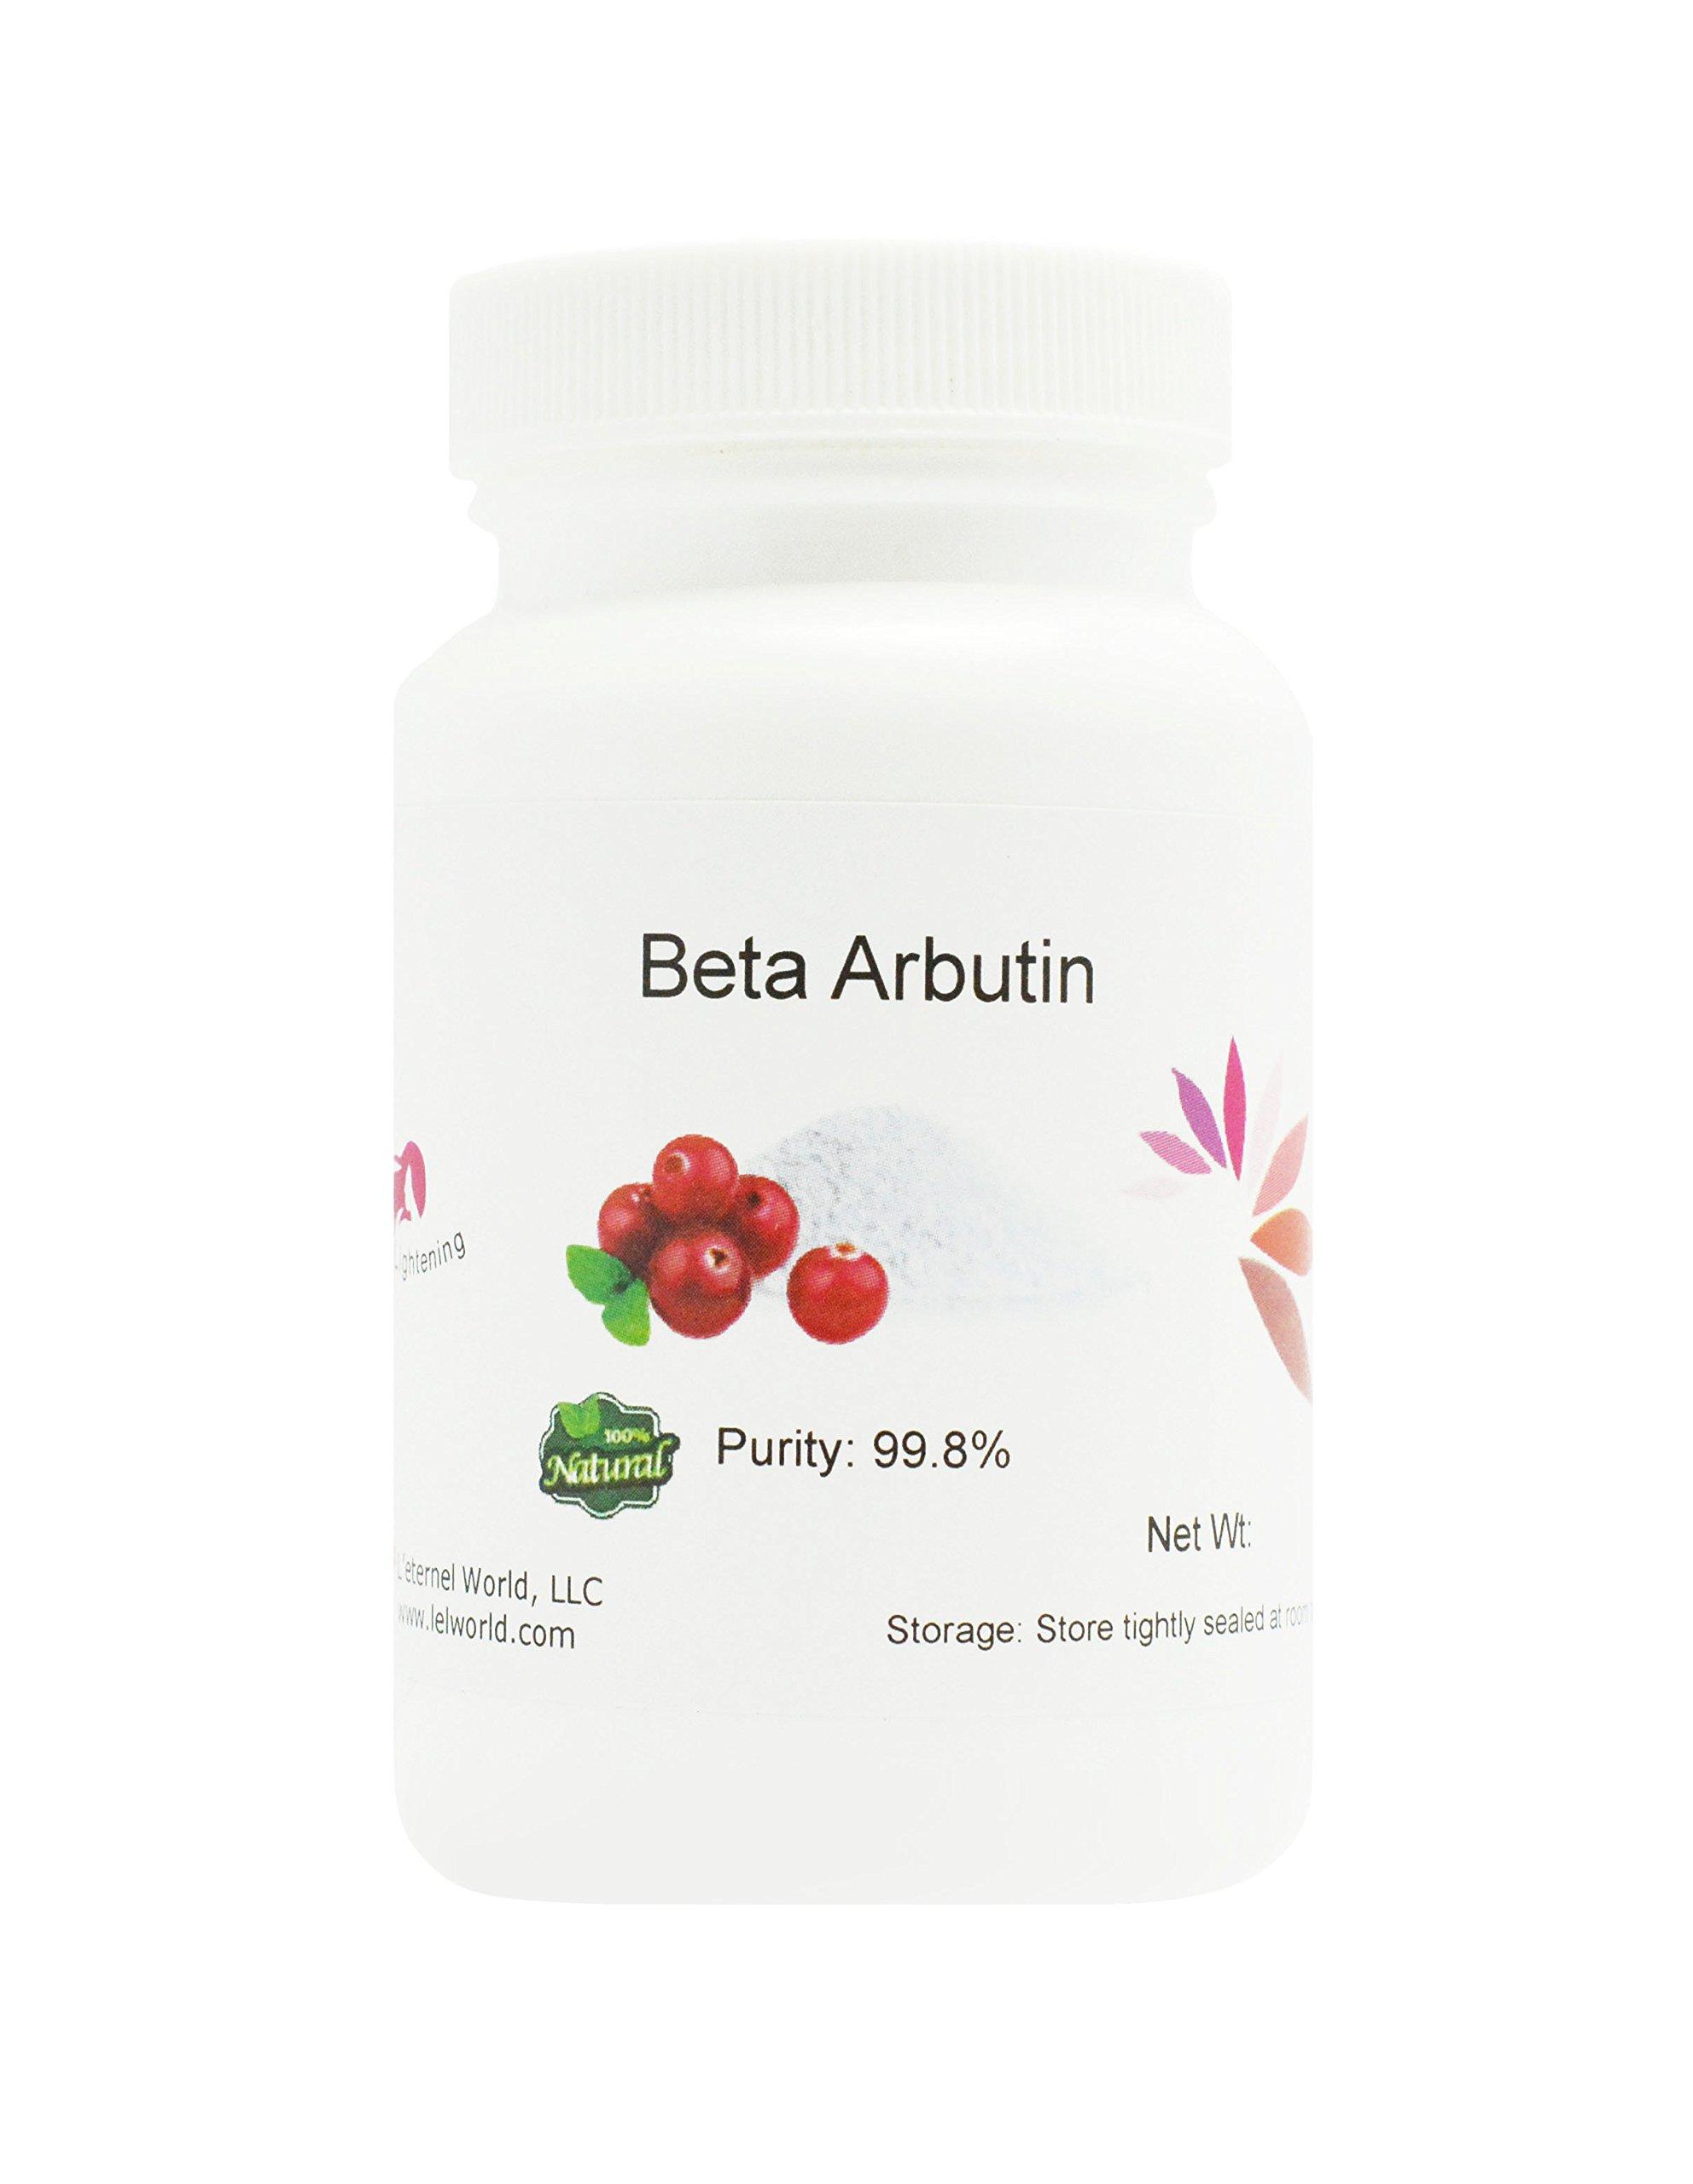 100% Natural Beta-Arbutin Powder, 99.8% Pure, 50g, Skin Lightening, Whitening